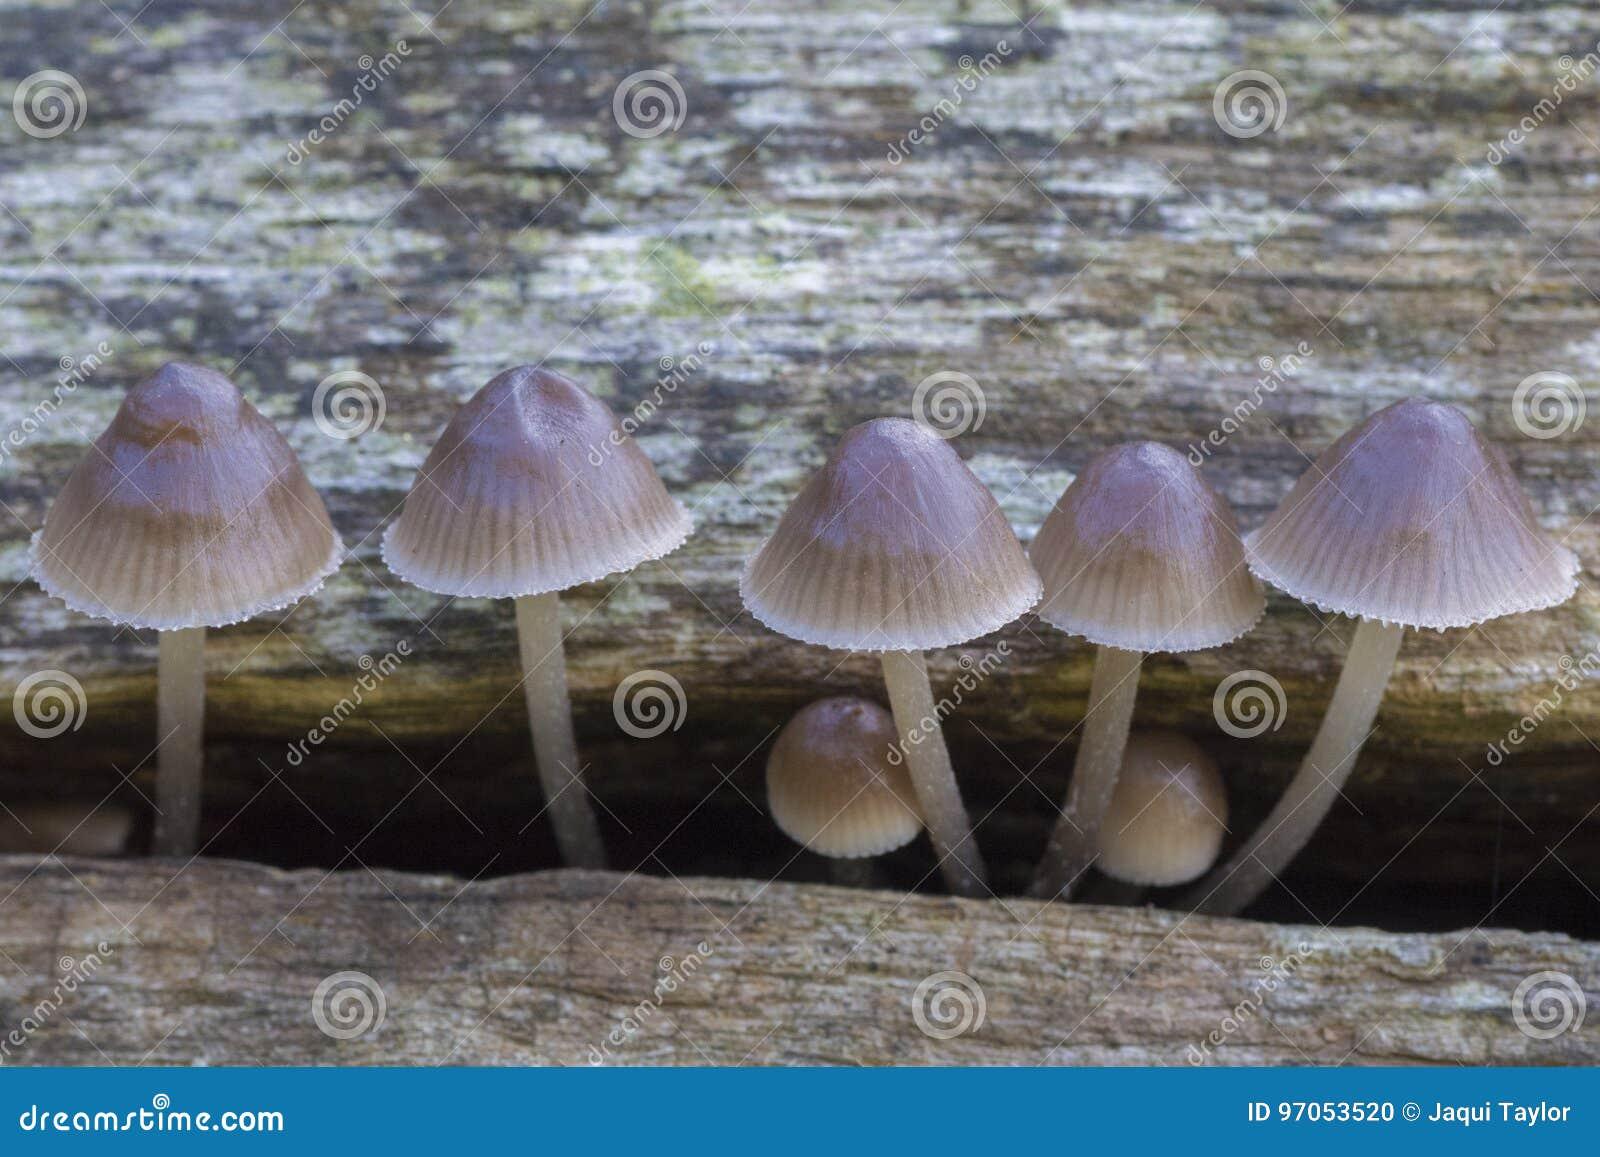 Seven Fungi